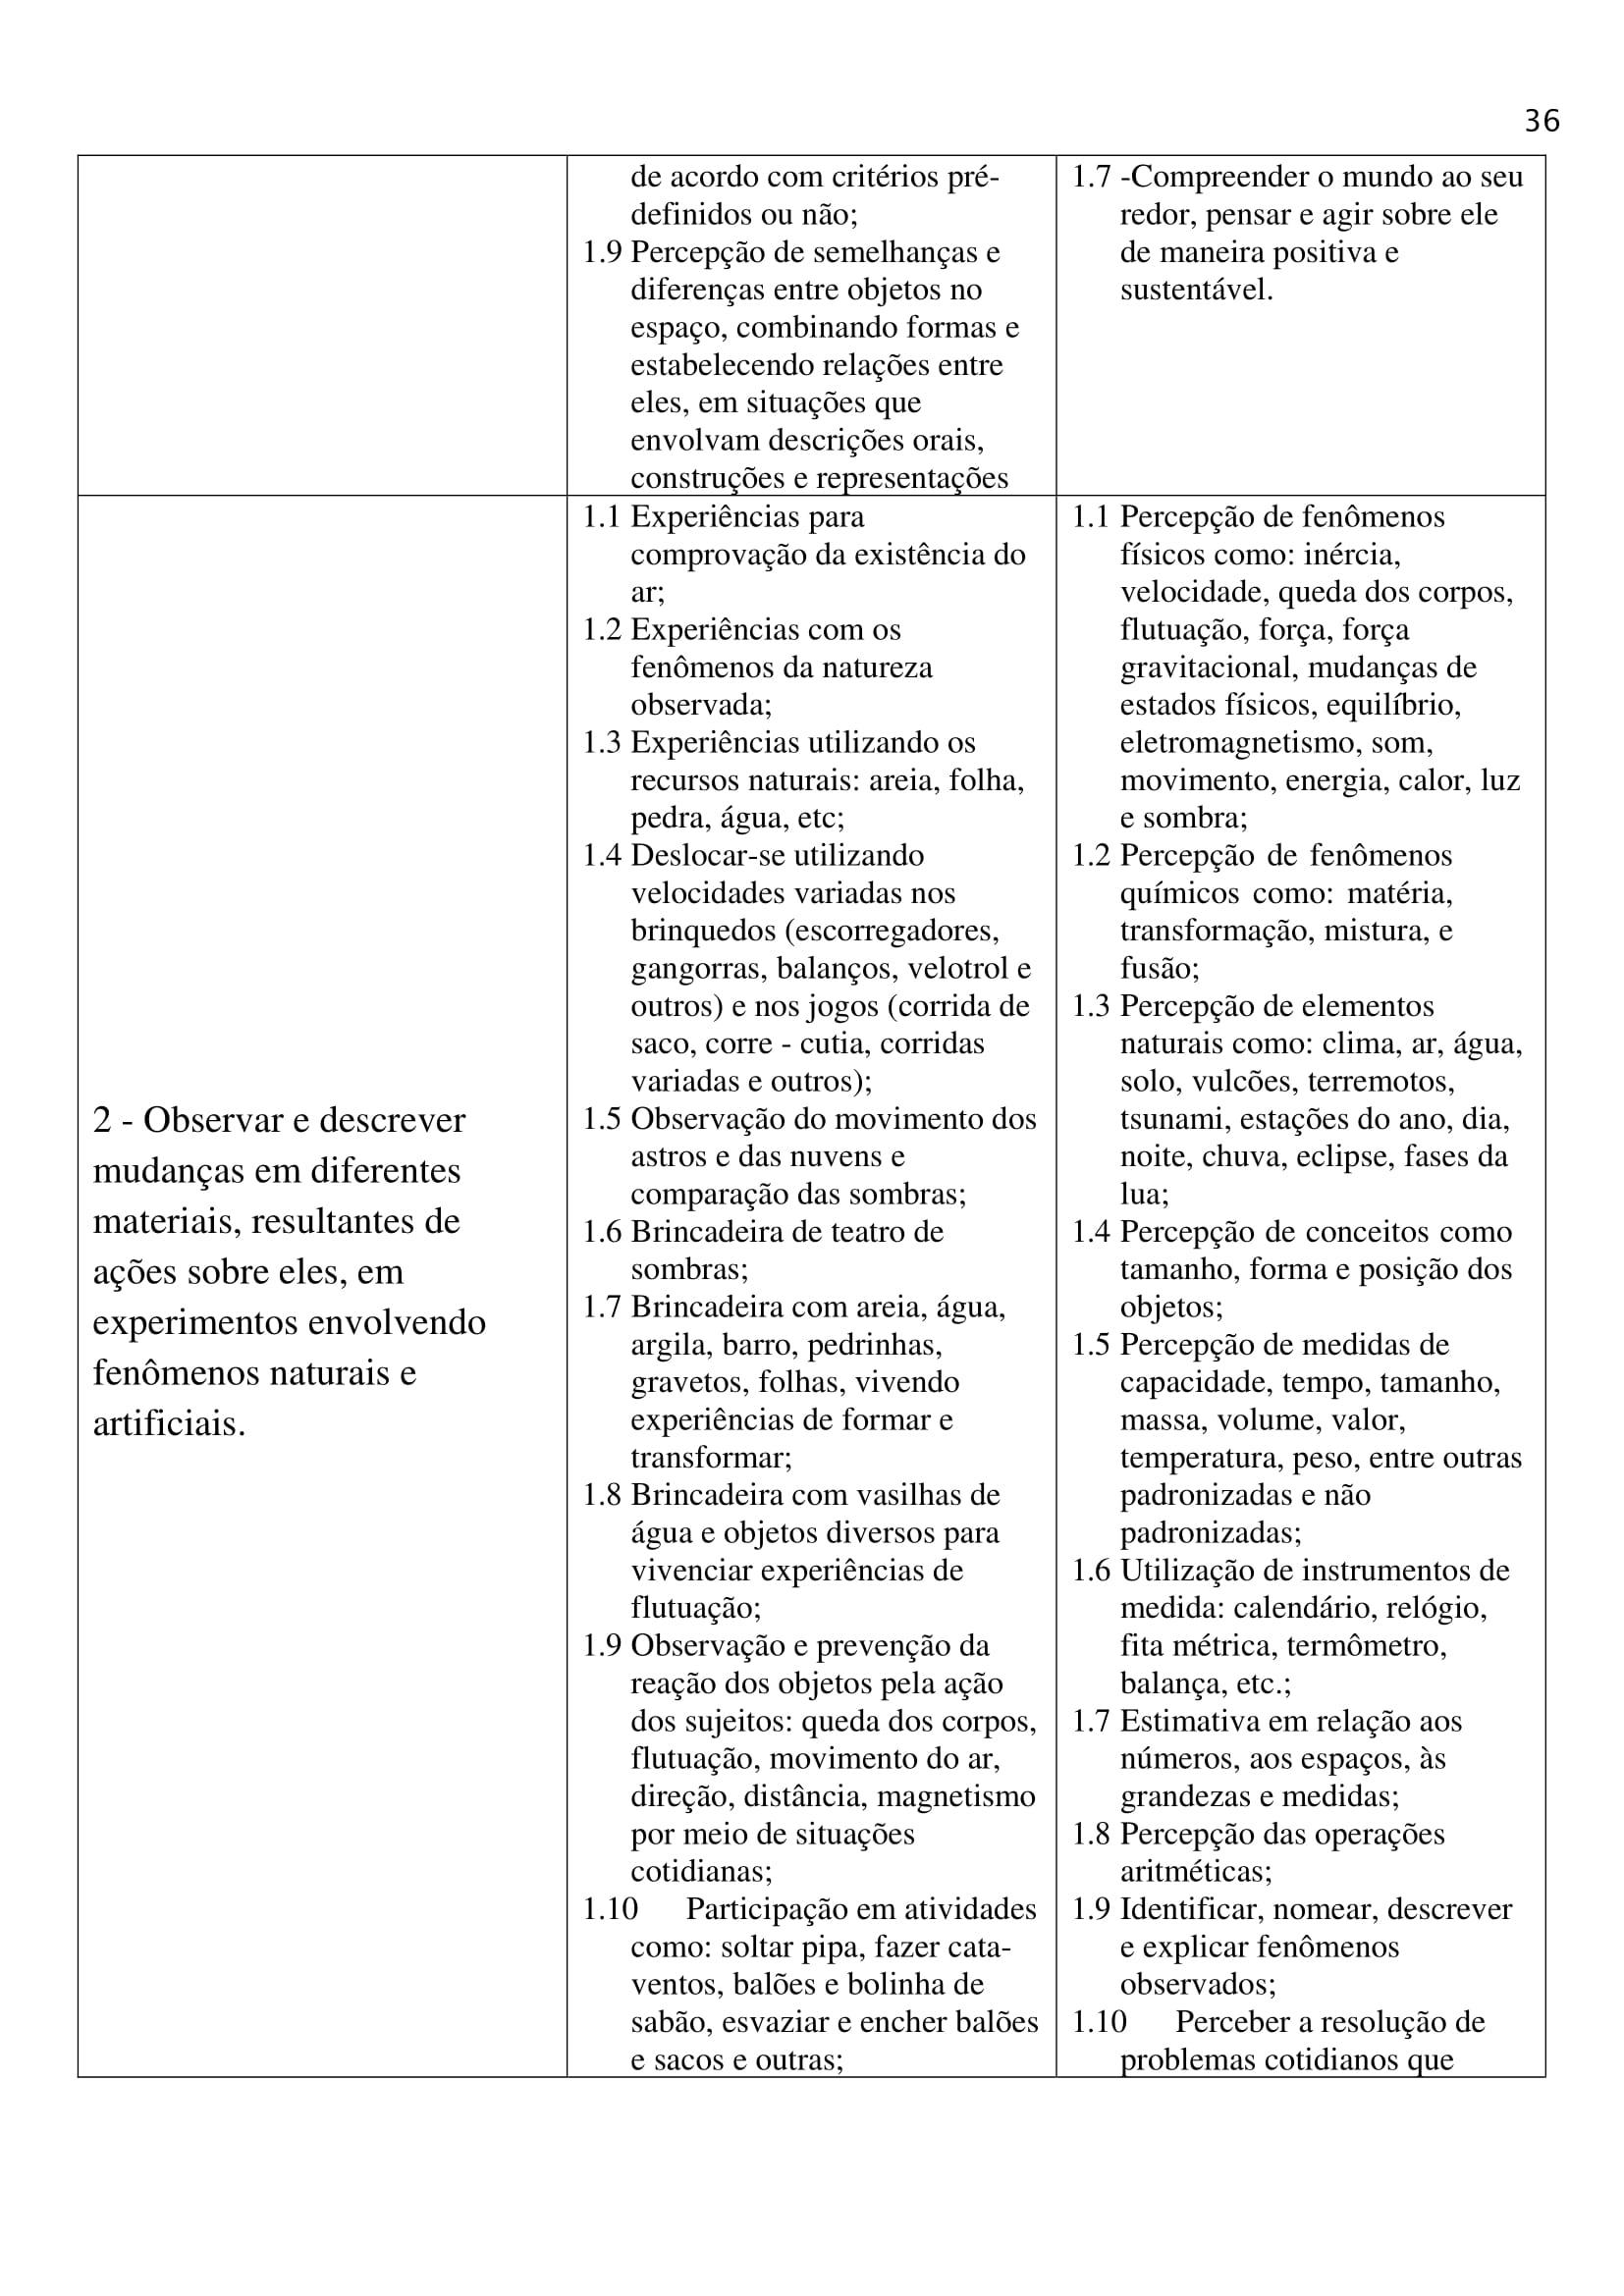 planejamento-educação-infantil-bncc-geral-66